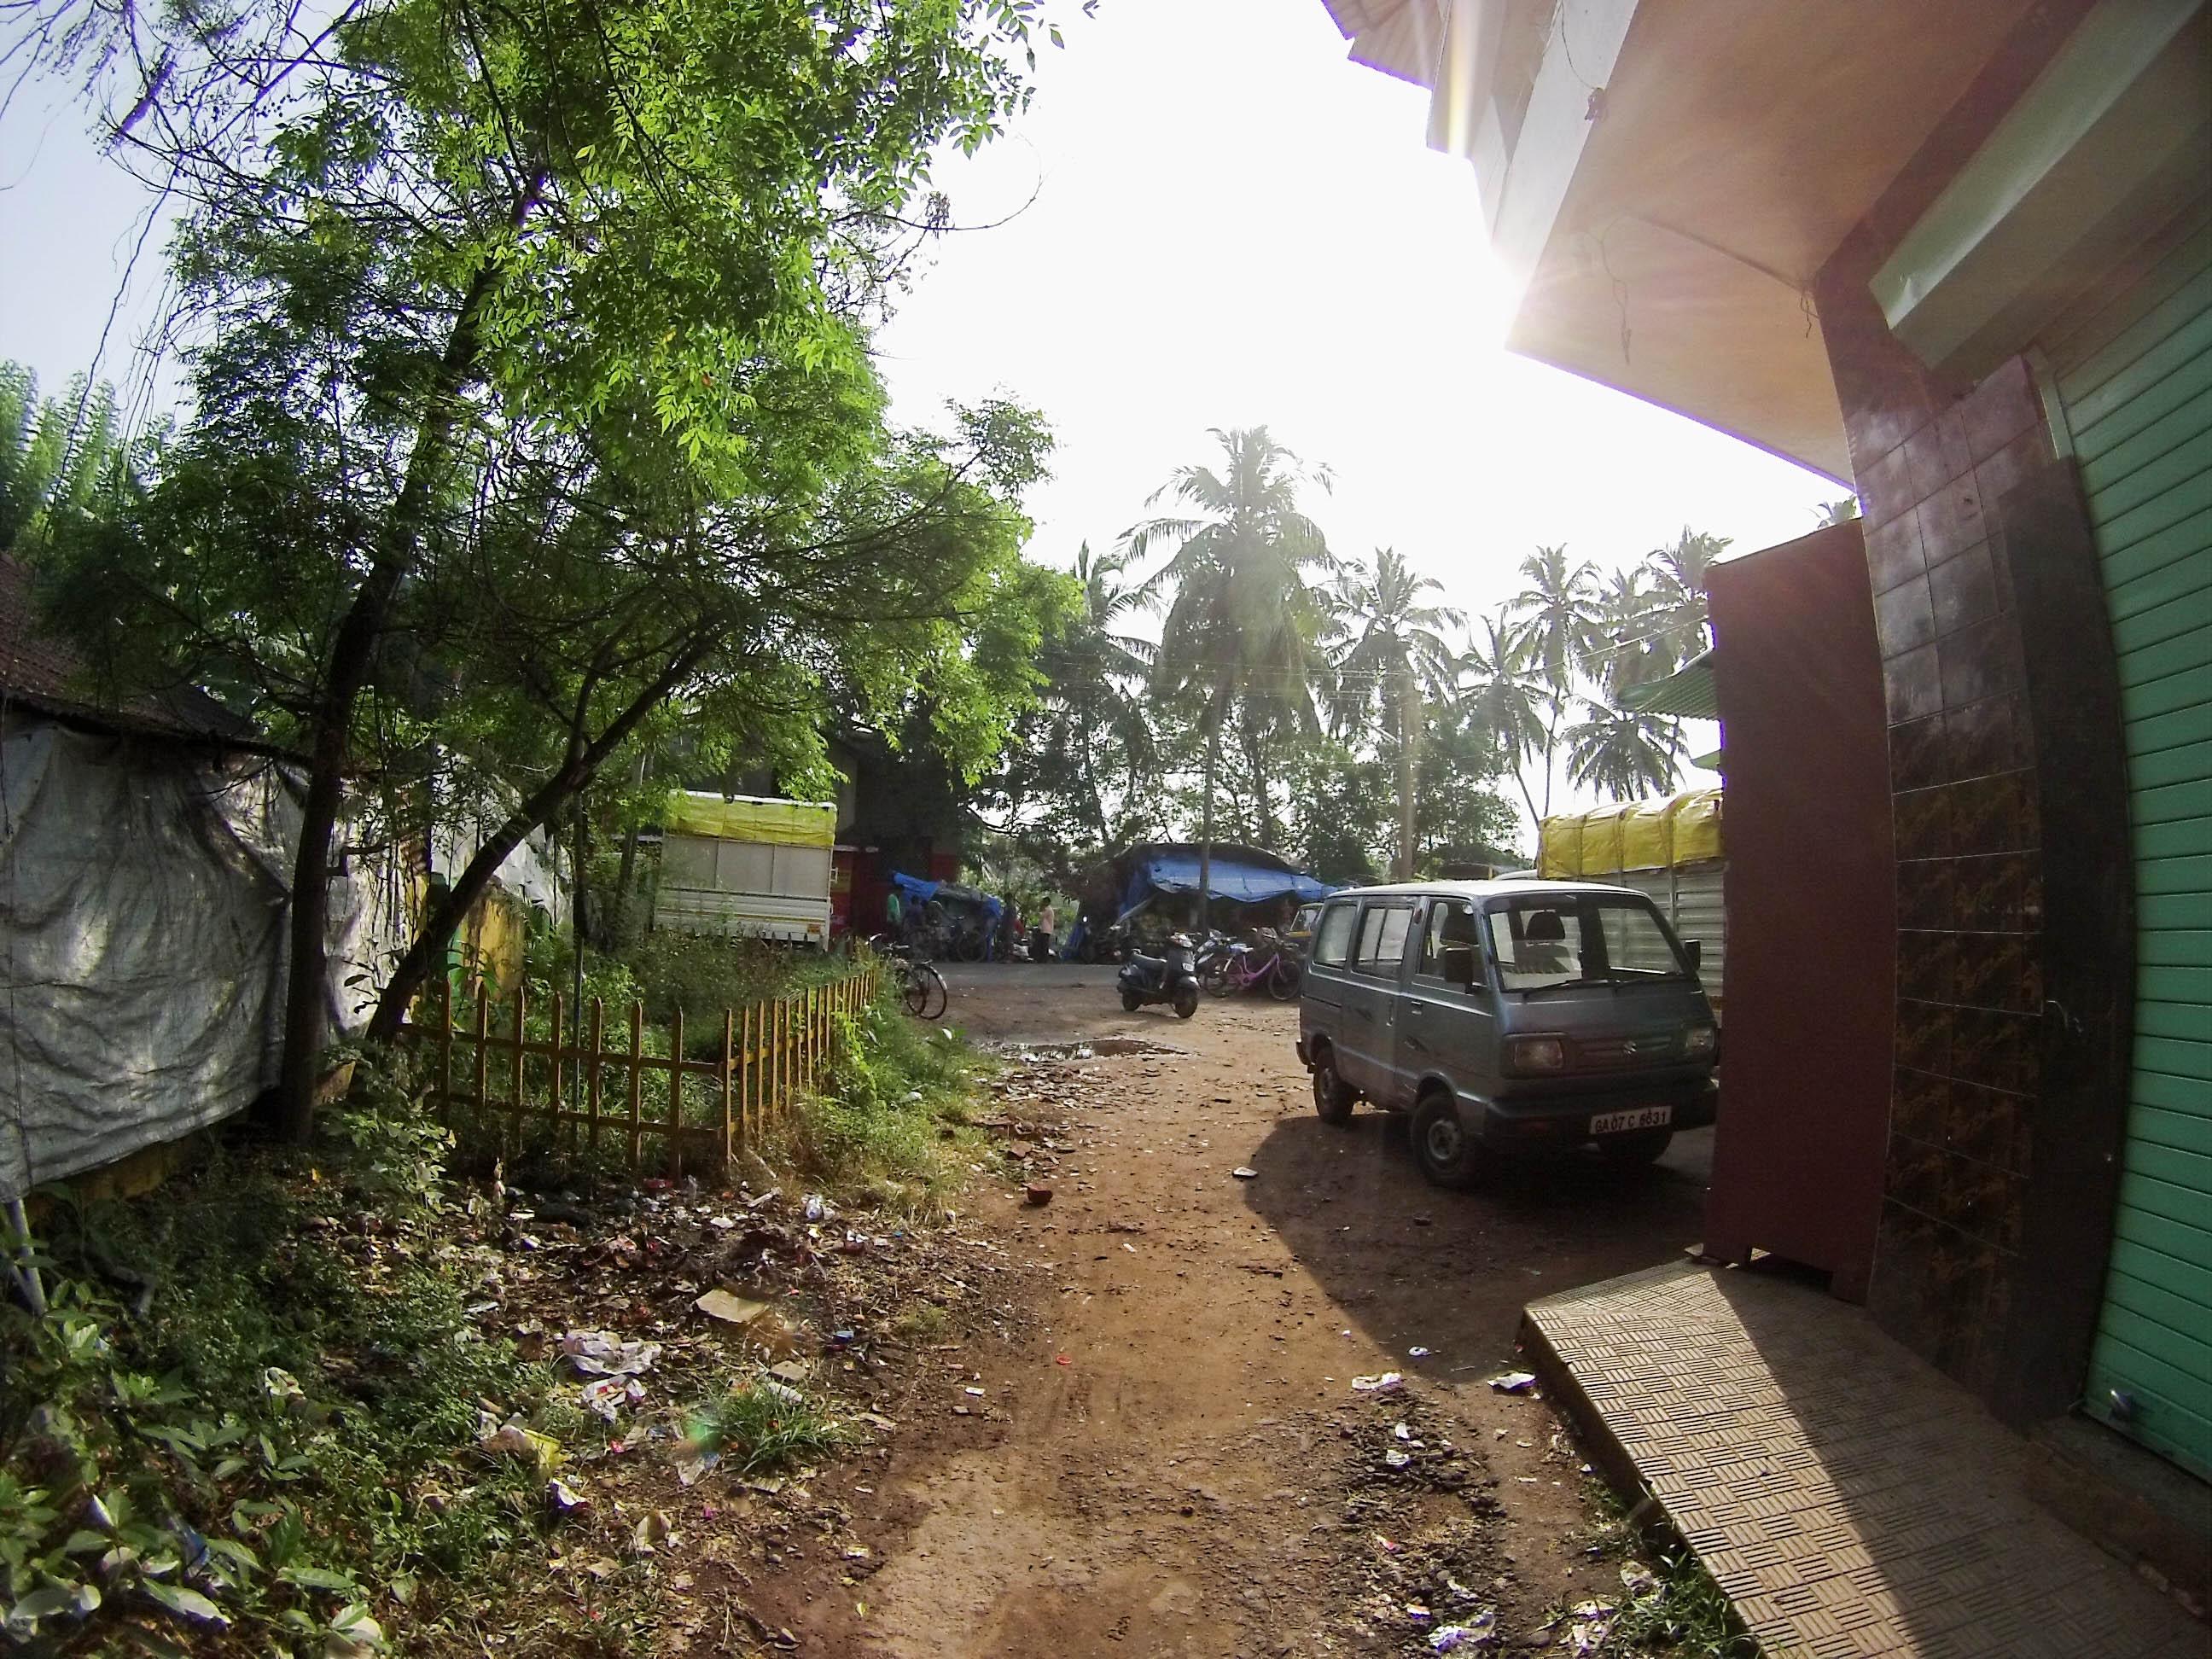 Colva, Goa, India